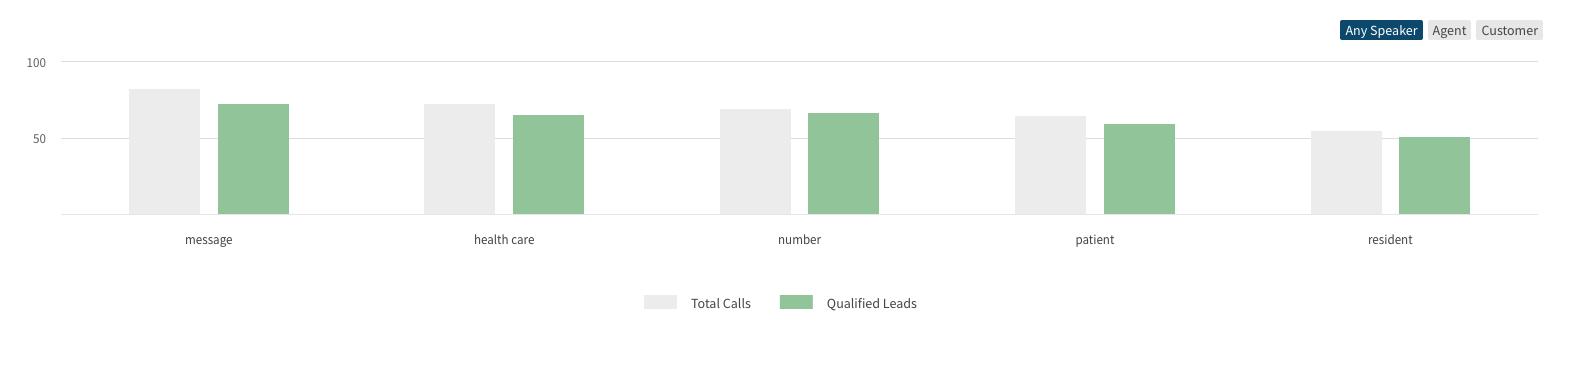 Call Data Bar Graph